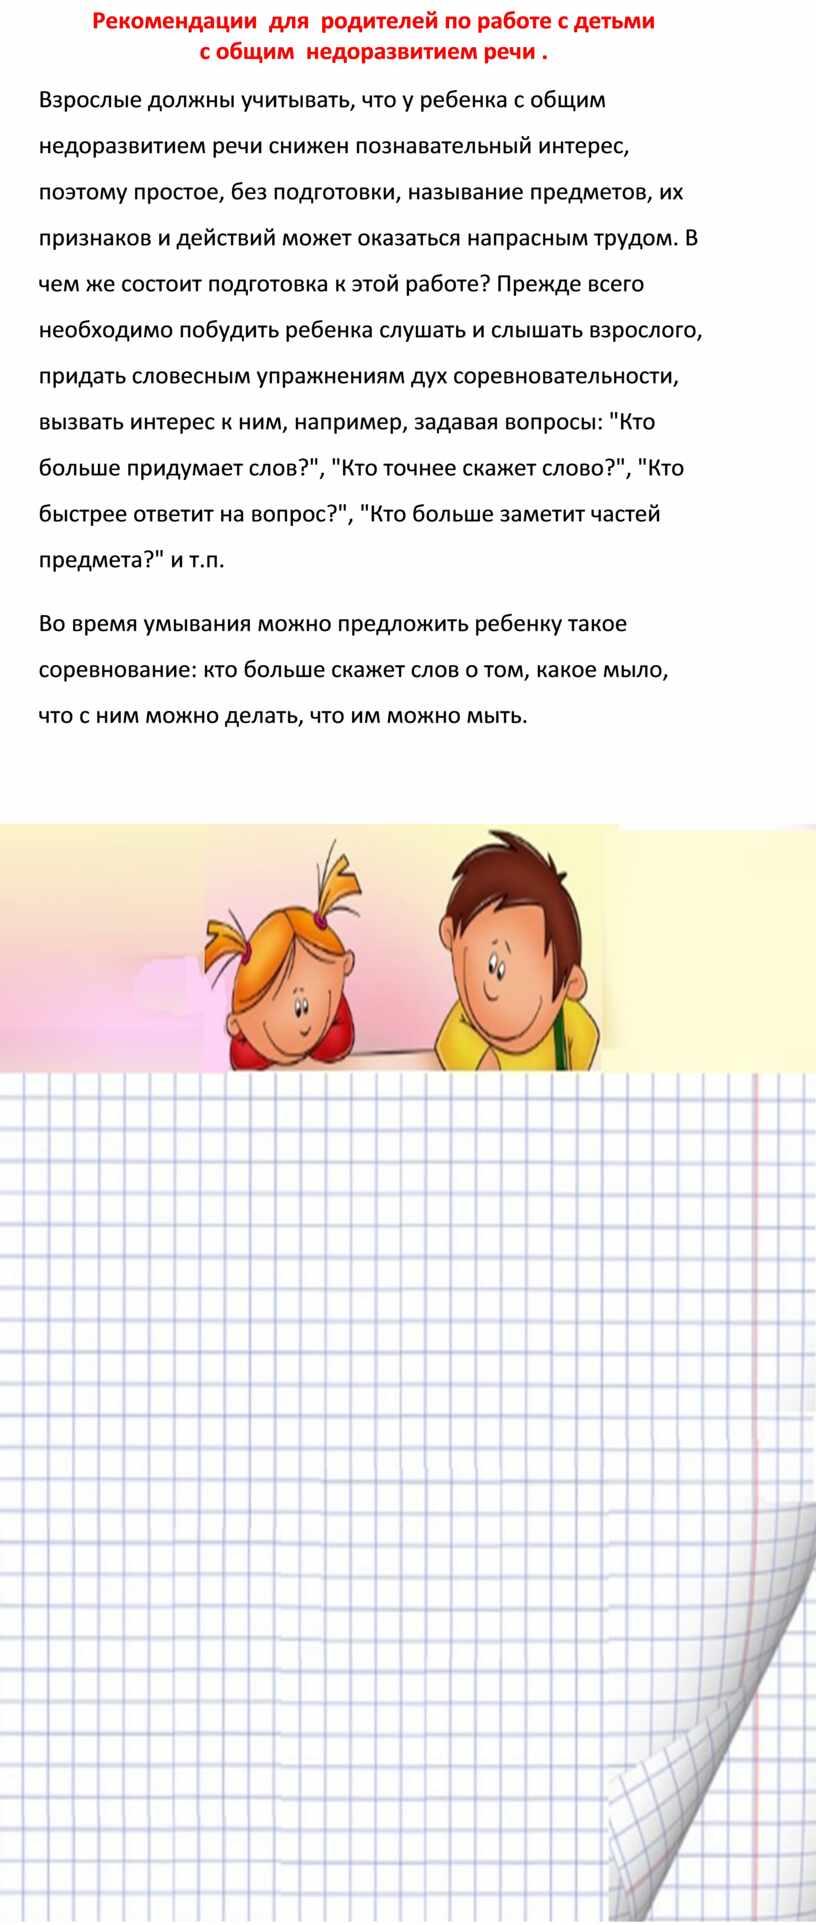 Рекомендации для родителей по работе с детьми с общим недоразвитием речи